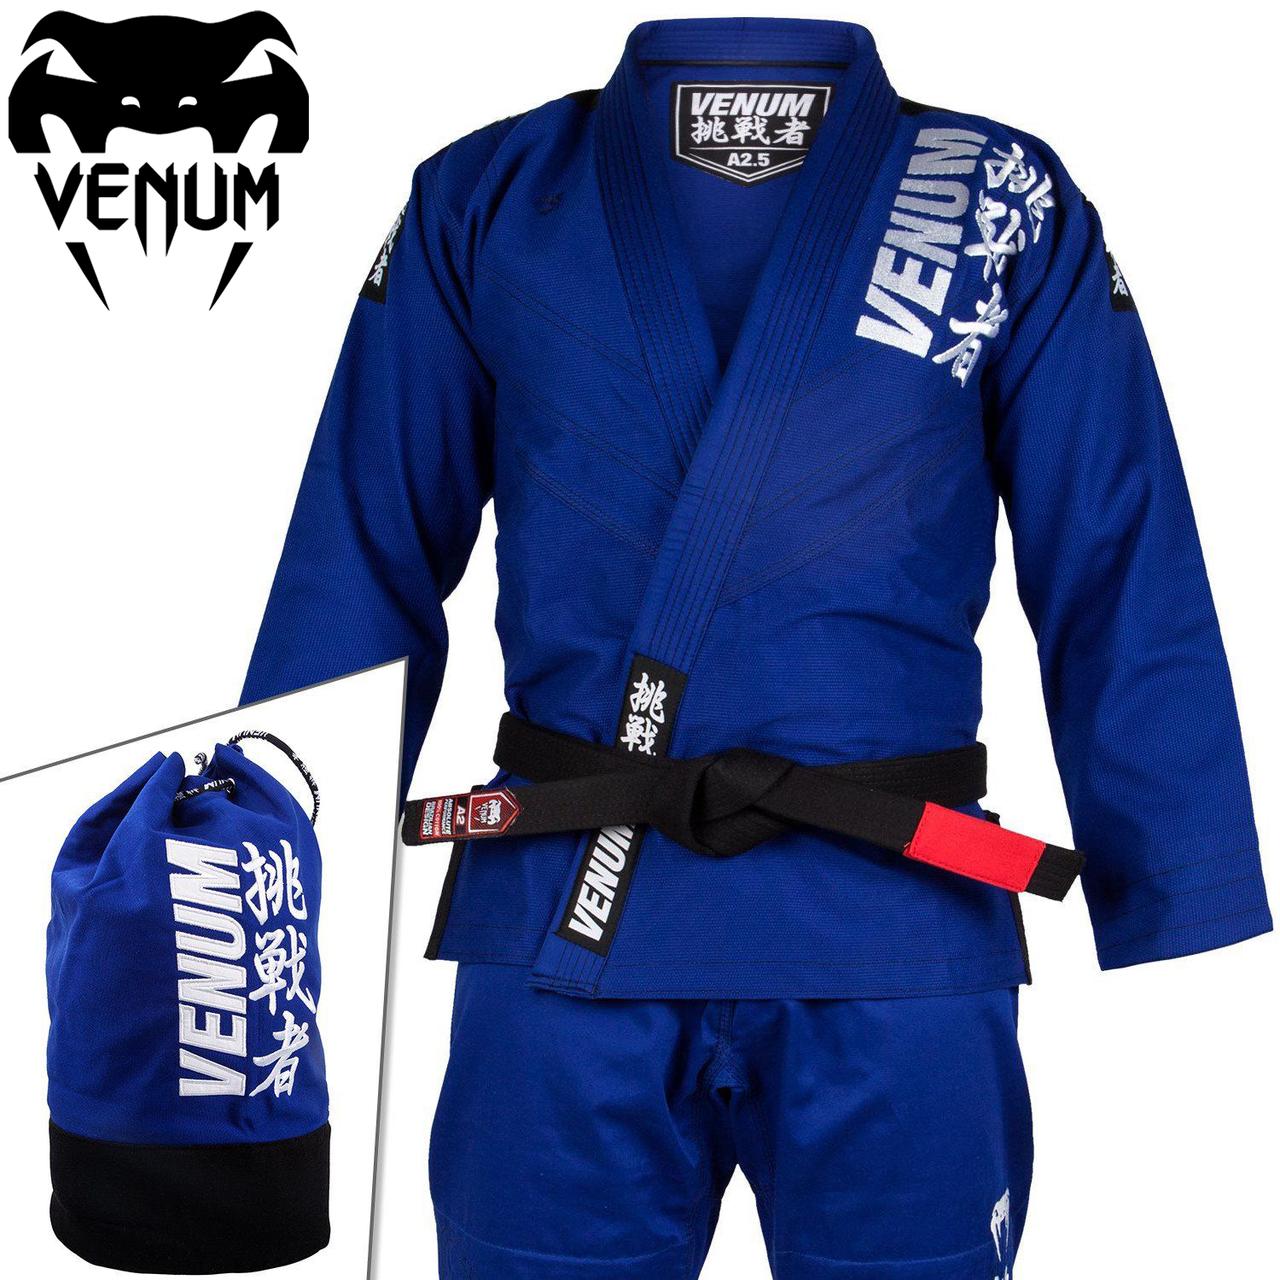 Кимоно для джиу-джитсу Venum Challenger 4.0 BJJ Gi Blue